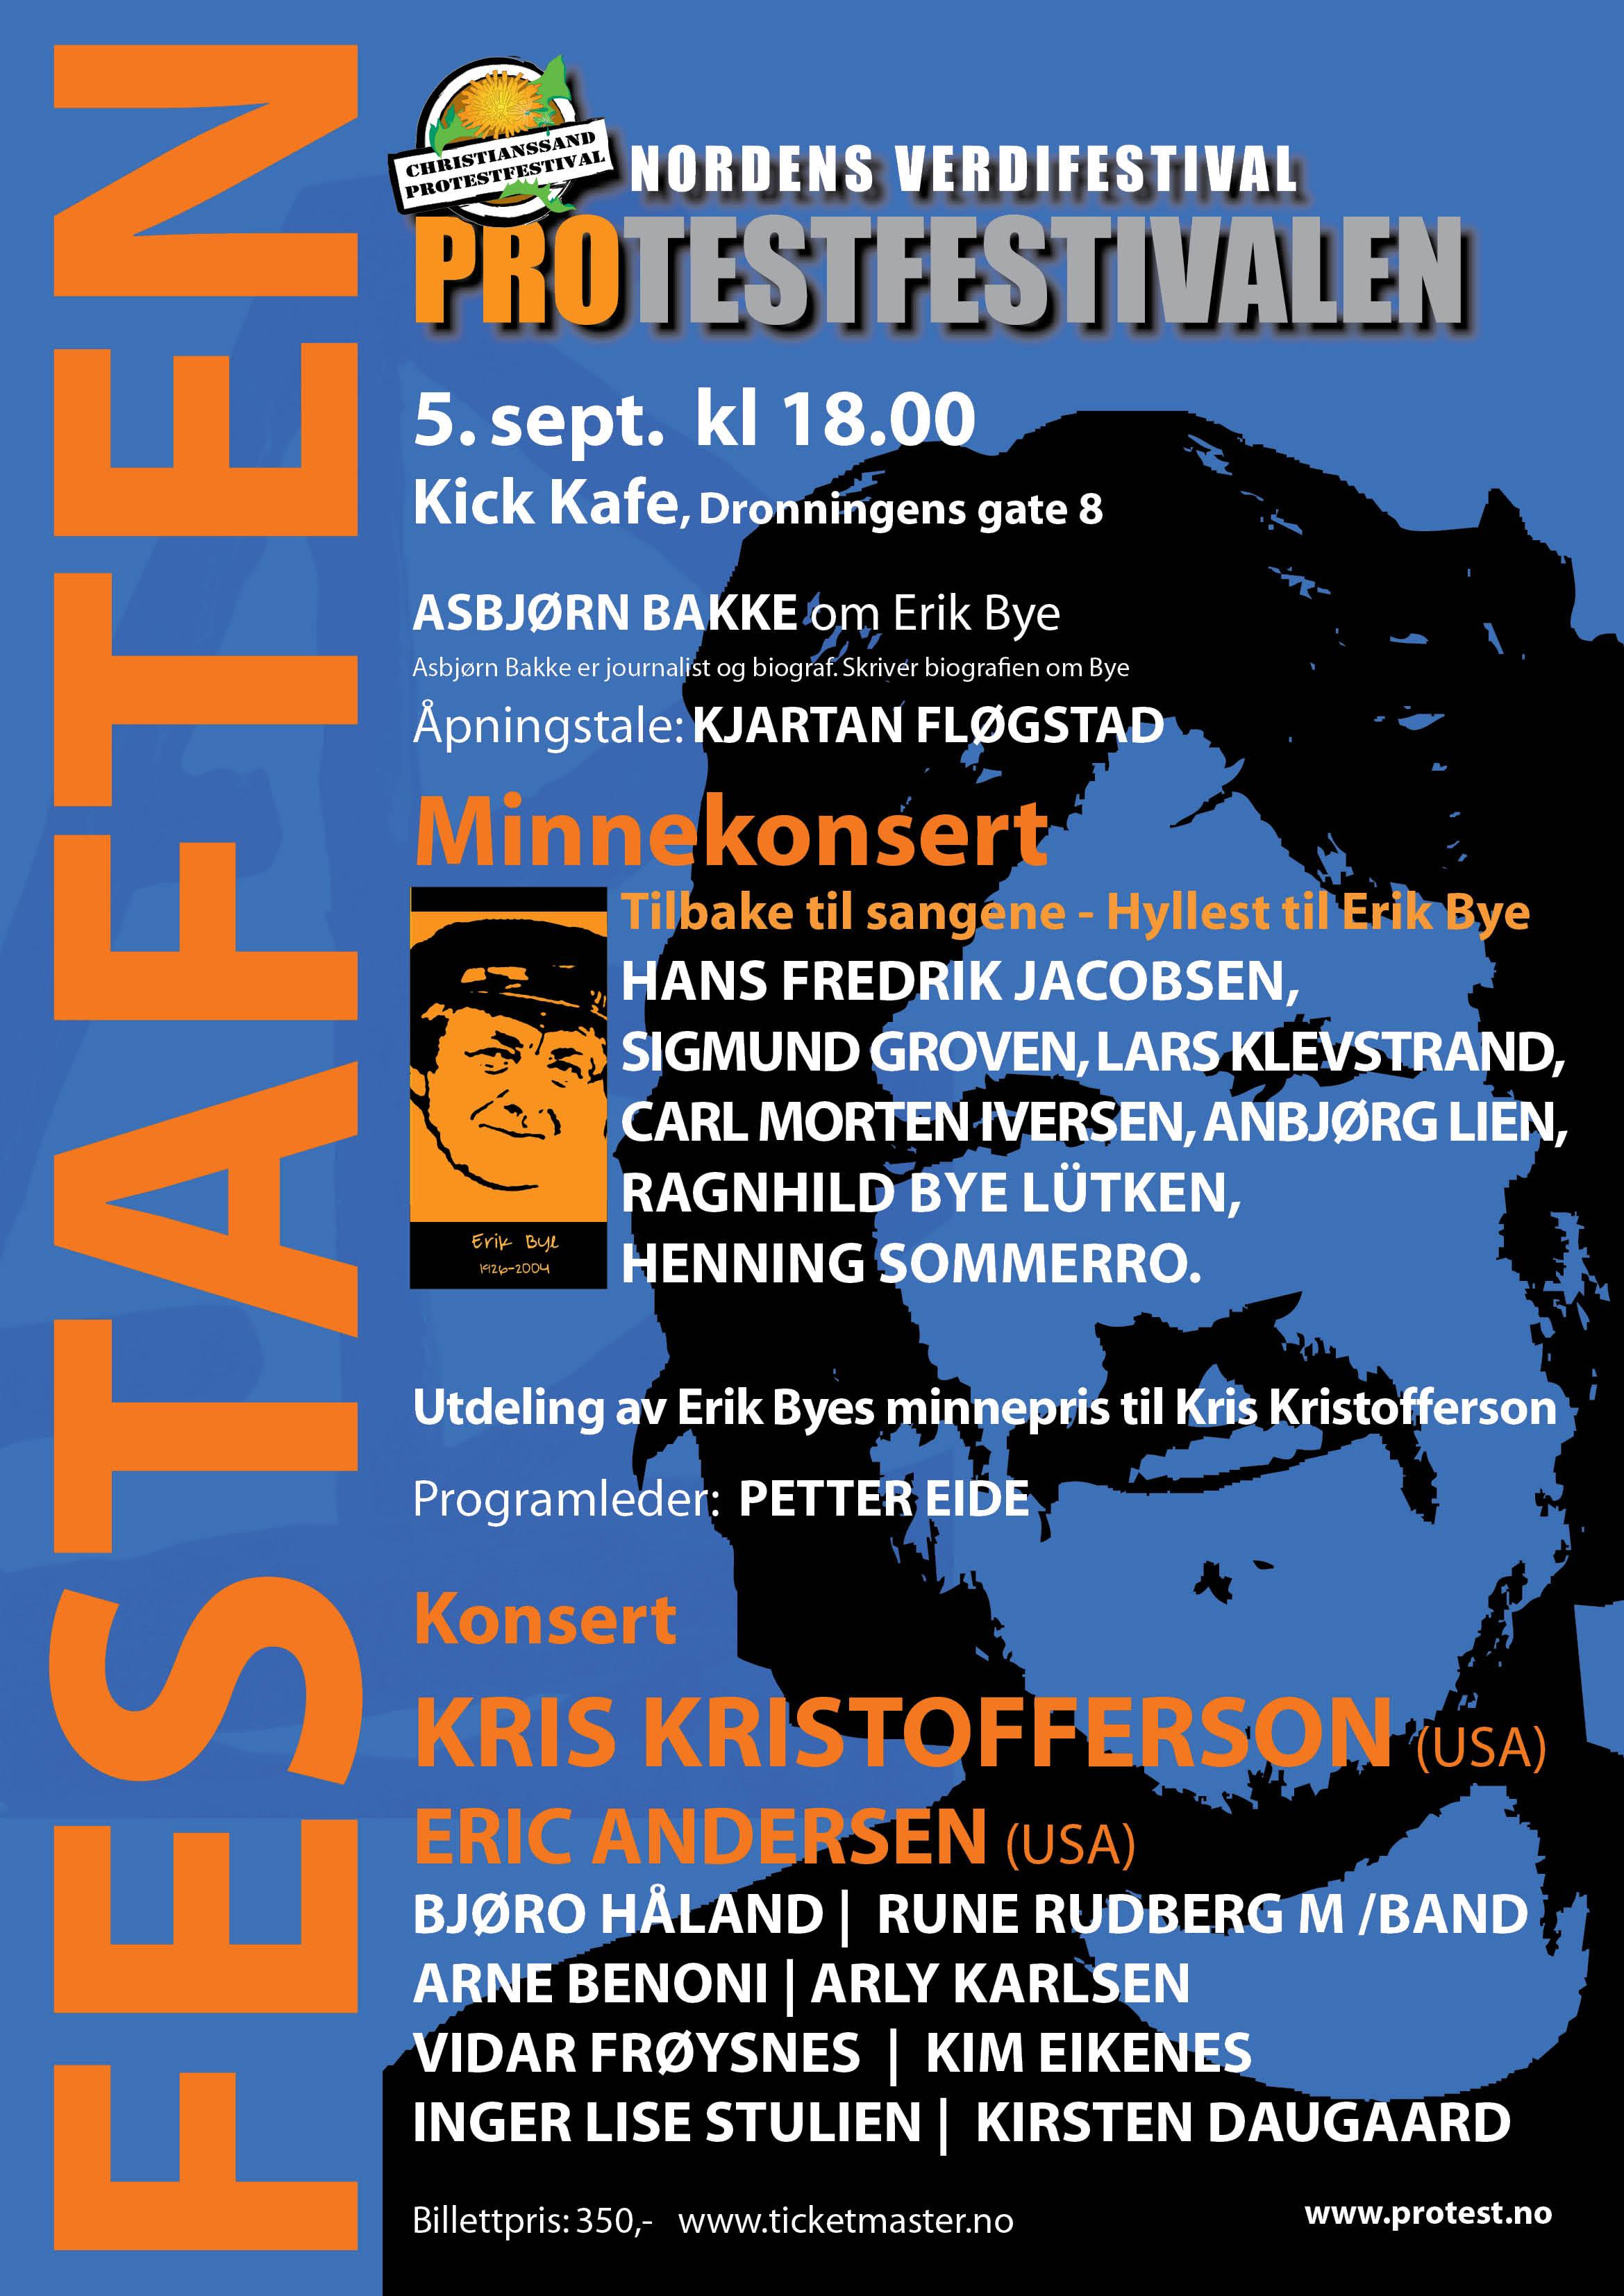 Protestfestivalen 2016 Festaften plakat